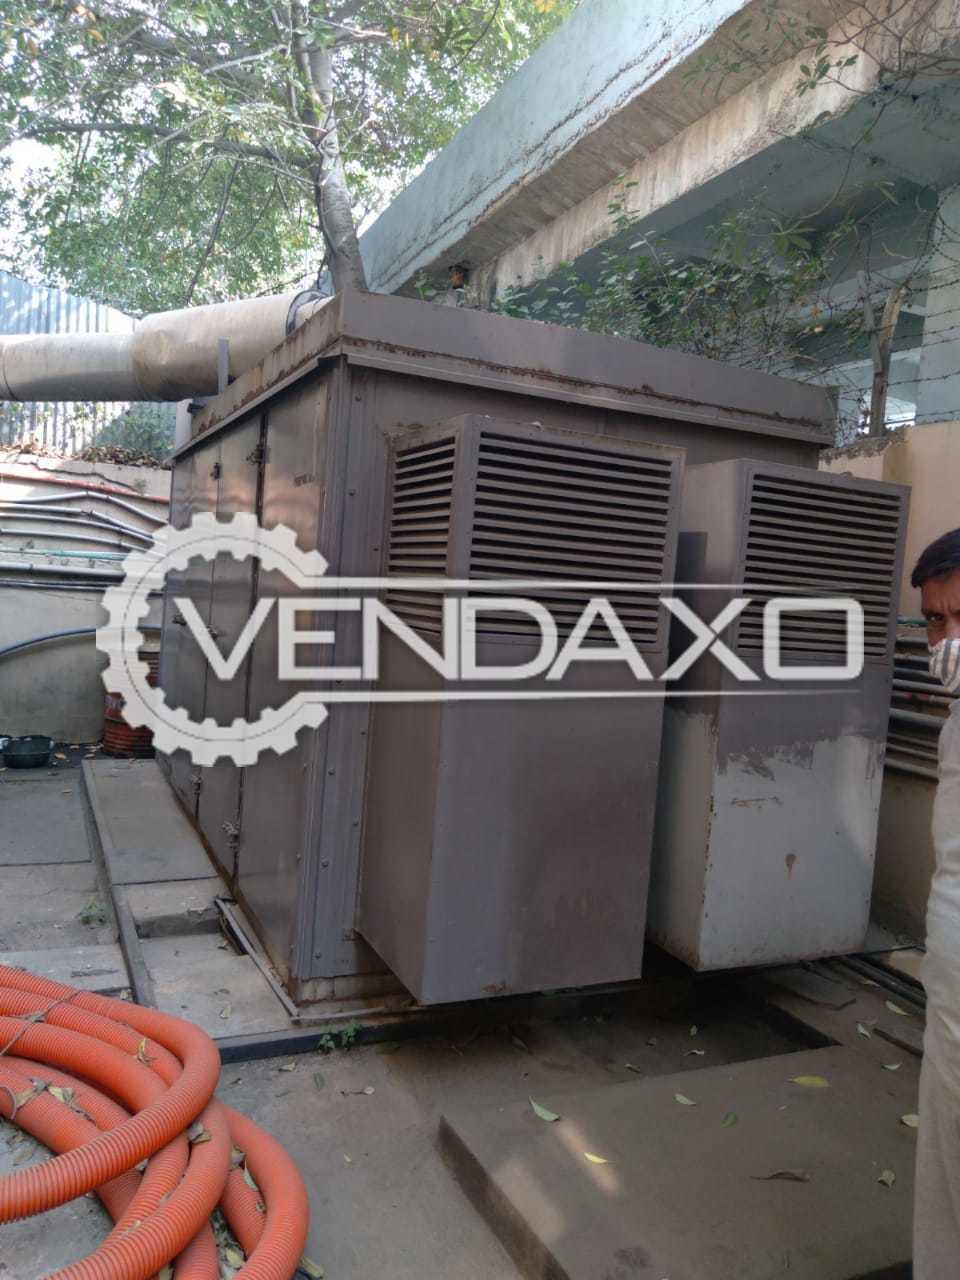 For Sale Used Diesel Generator - 200 Kva, 2000 Model